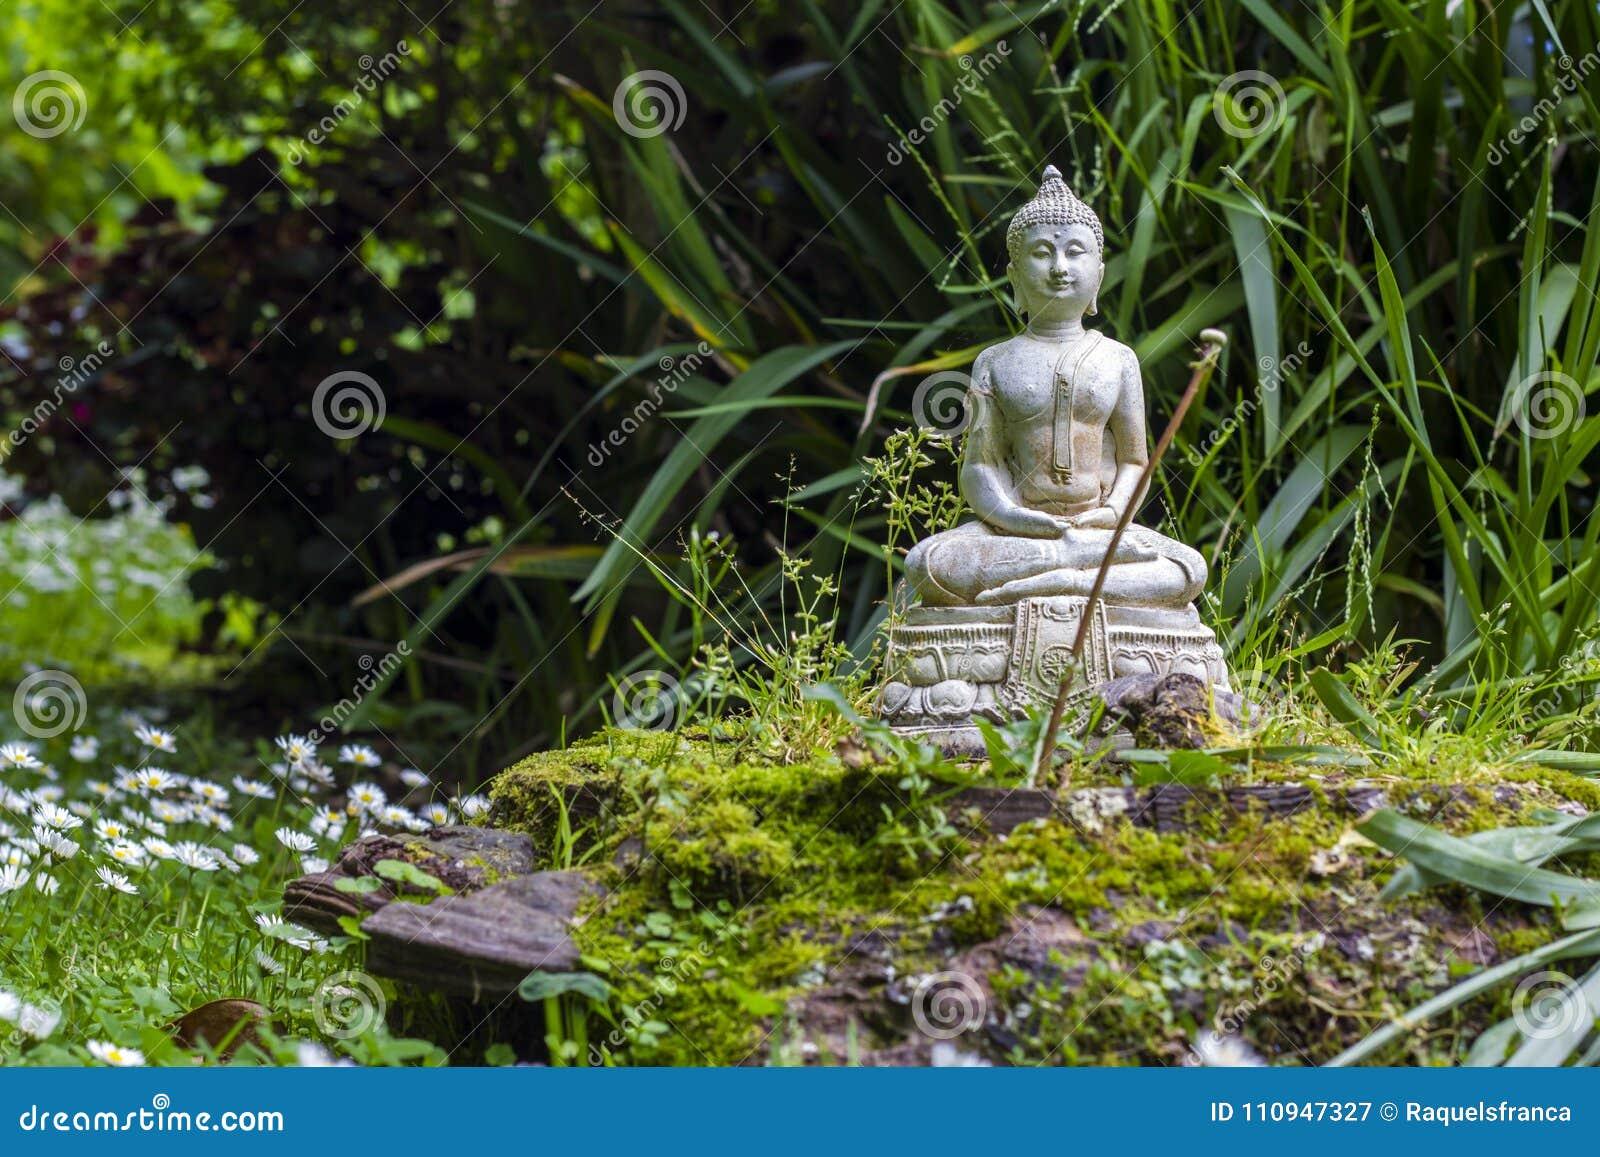 bouddha en pierre dans un jardin de zen image stock - image du